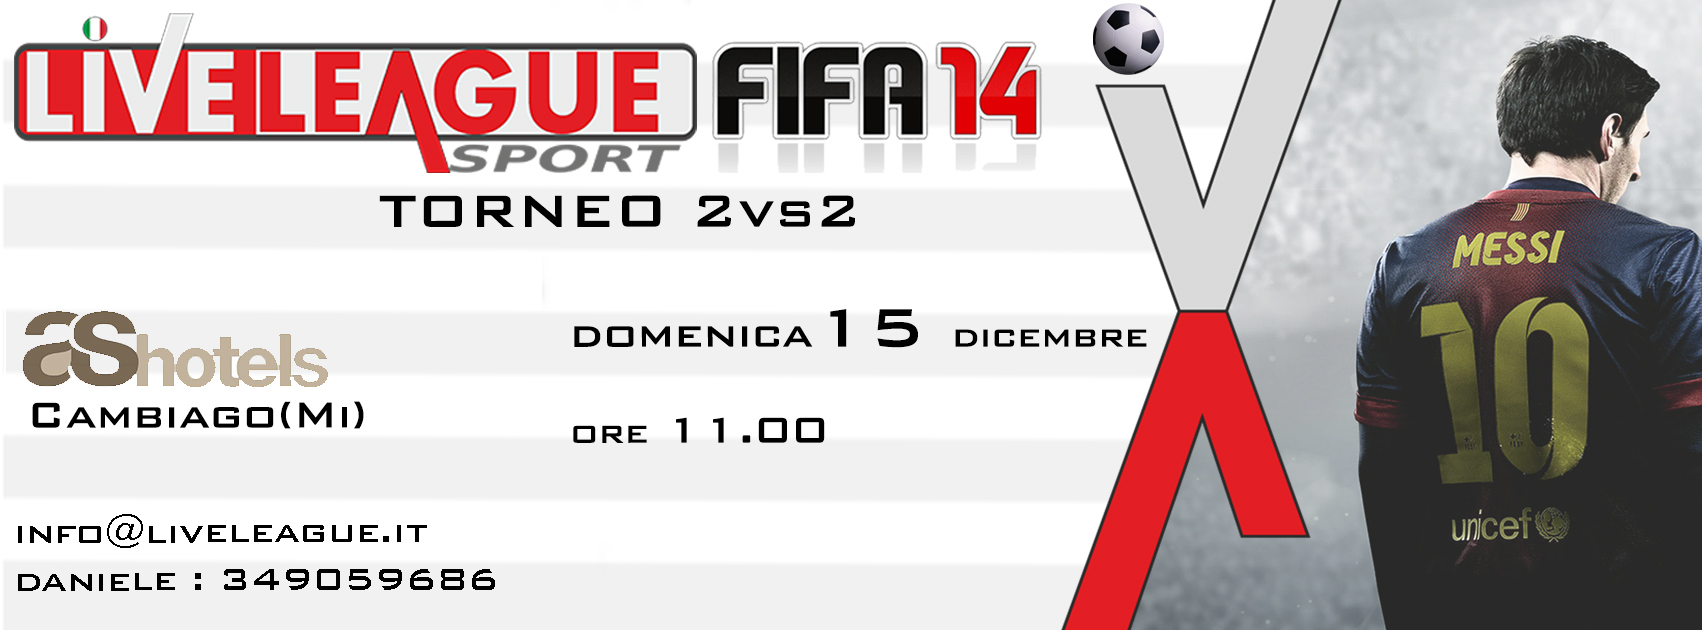 TORNEO 2VS2 DI FIFA 14